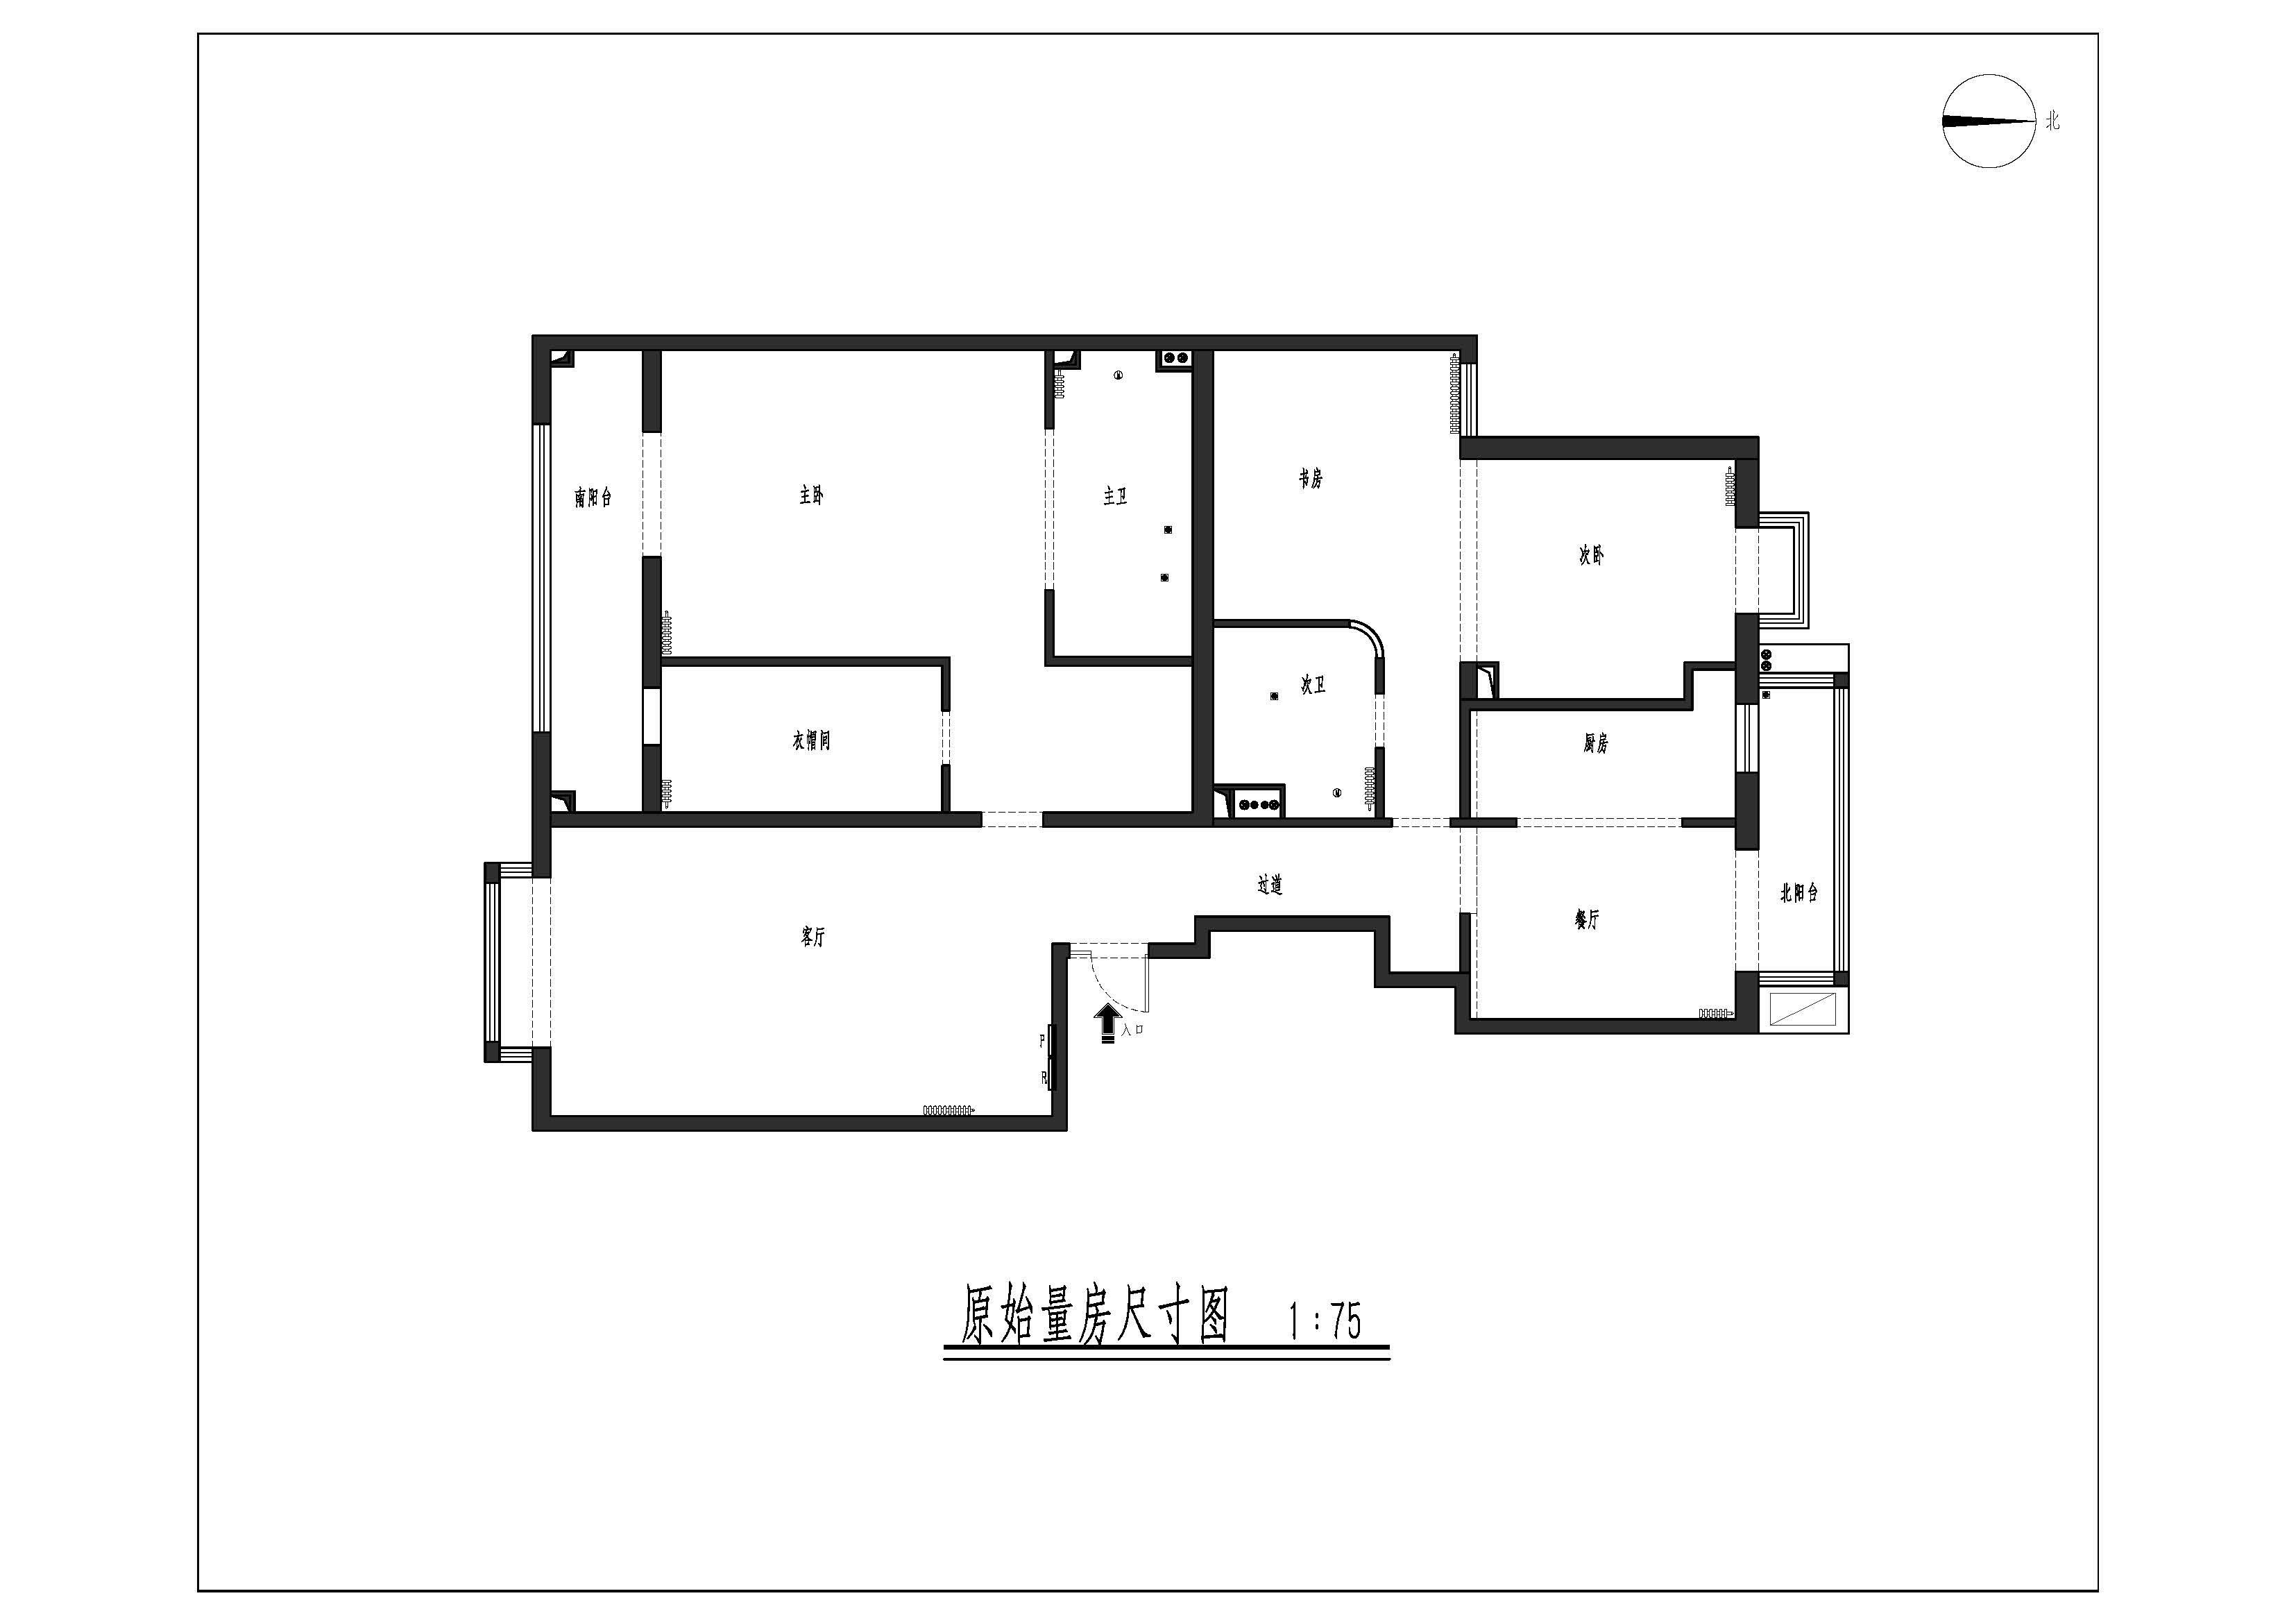 新怡家园-150平米-美式轻奢-装修效果图装修设计理念